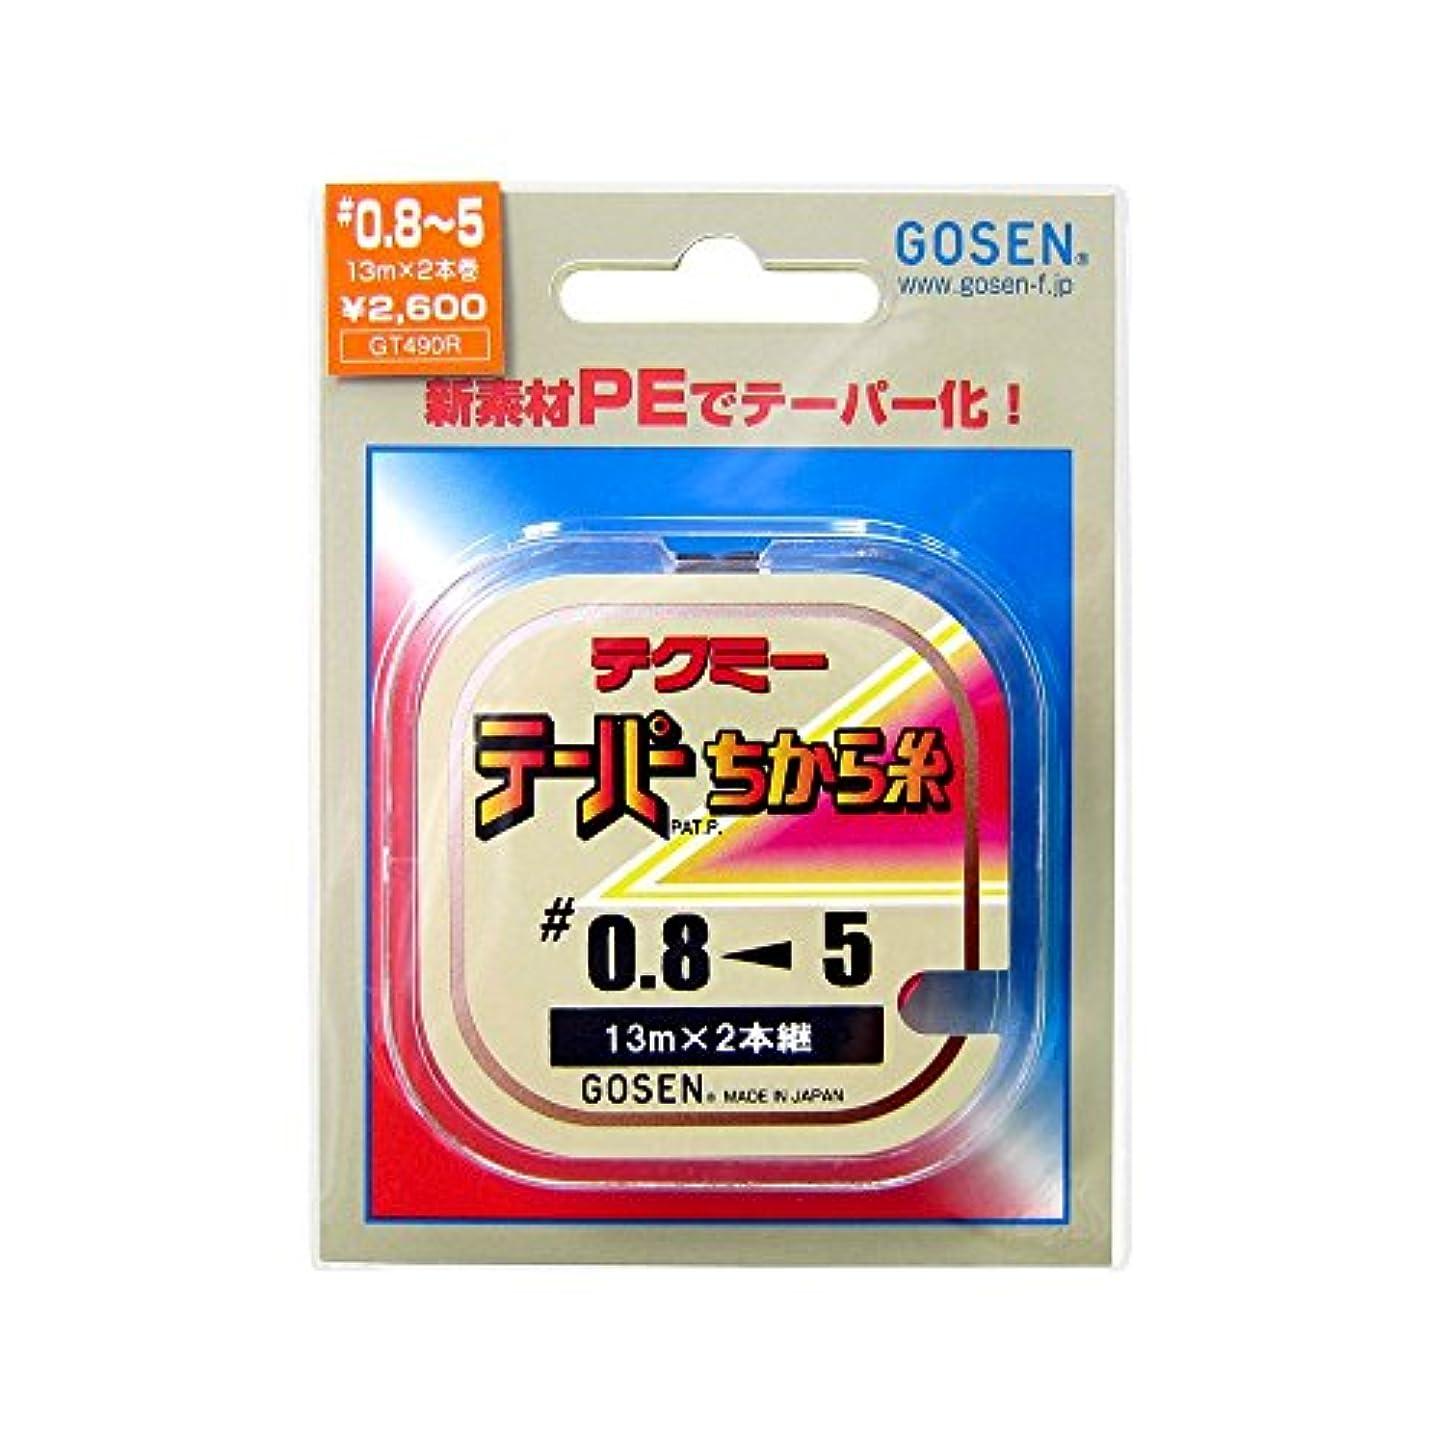 ピクニック恐ろしい好奇心盛ゴーセン(GOSEN) ライン テクミーテーパーちから糸 赤 13m×2本 GT-490R